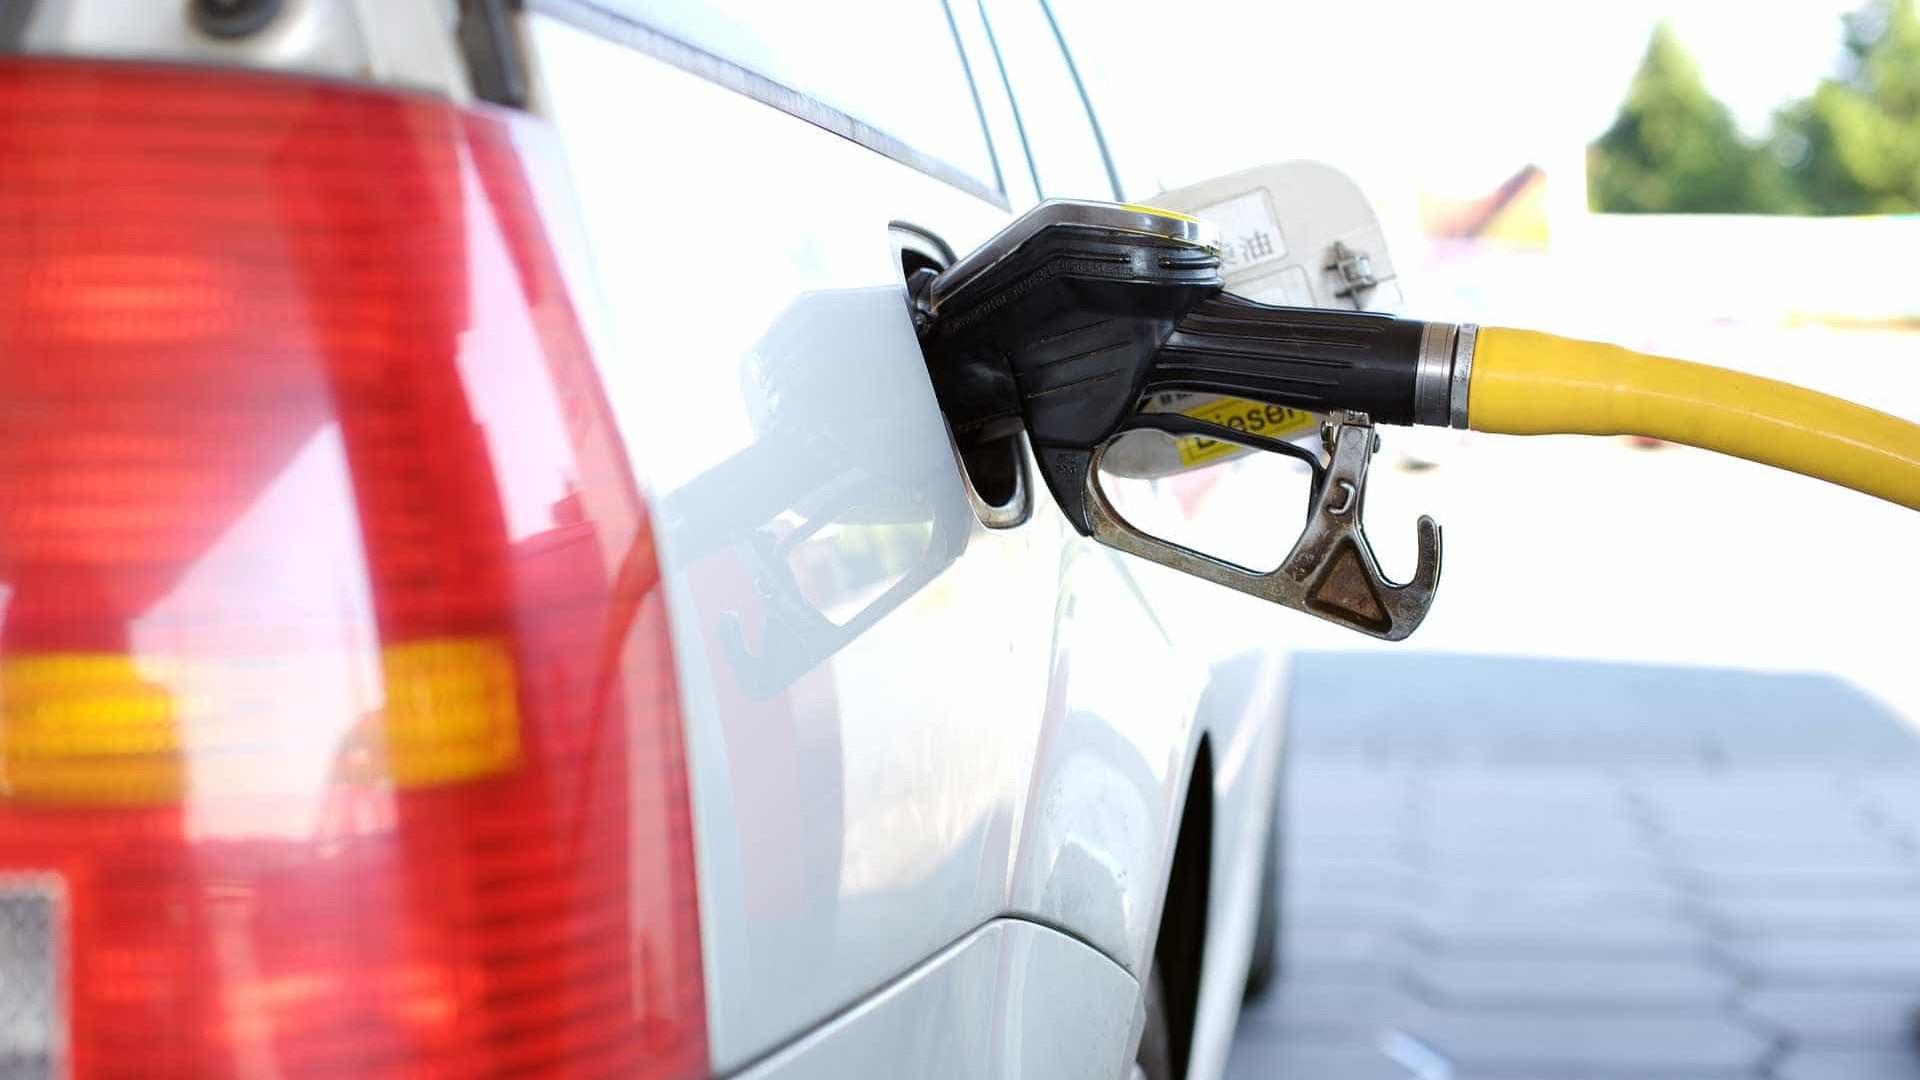 Homem é preso por tentar roubar gasolina de veículo estacionado